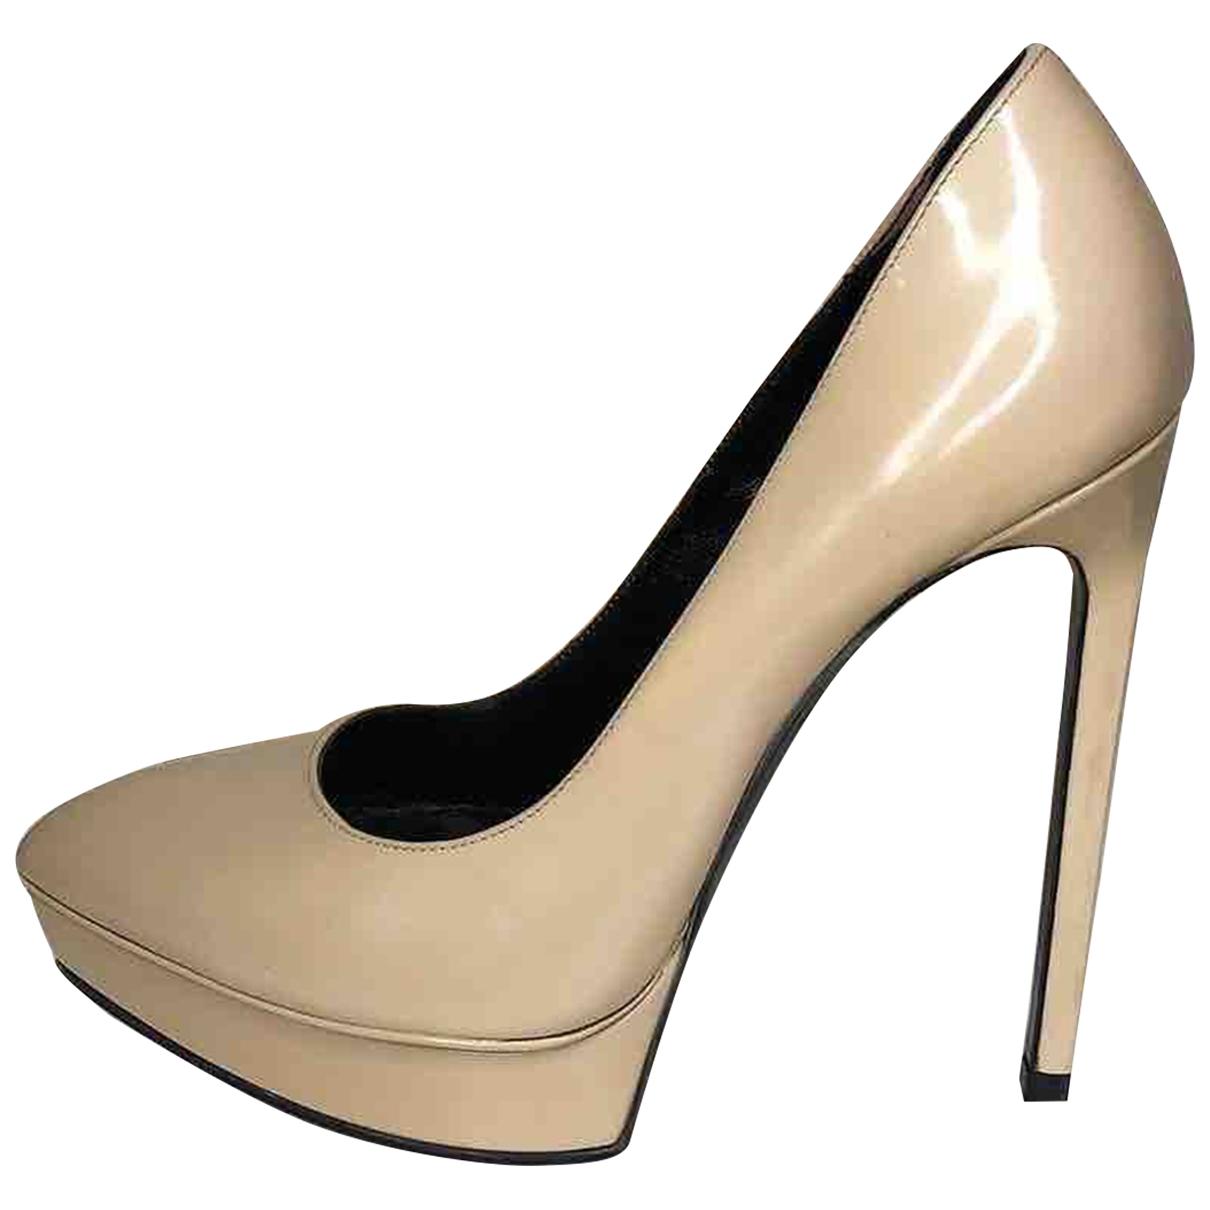 Saint Laurent - Escarpins Janis pour femme en cuir verni - beige